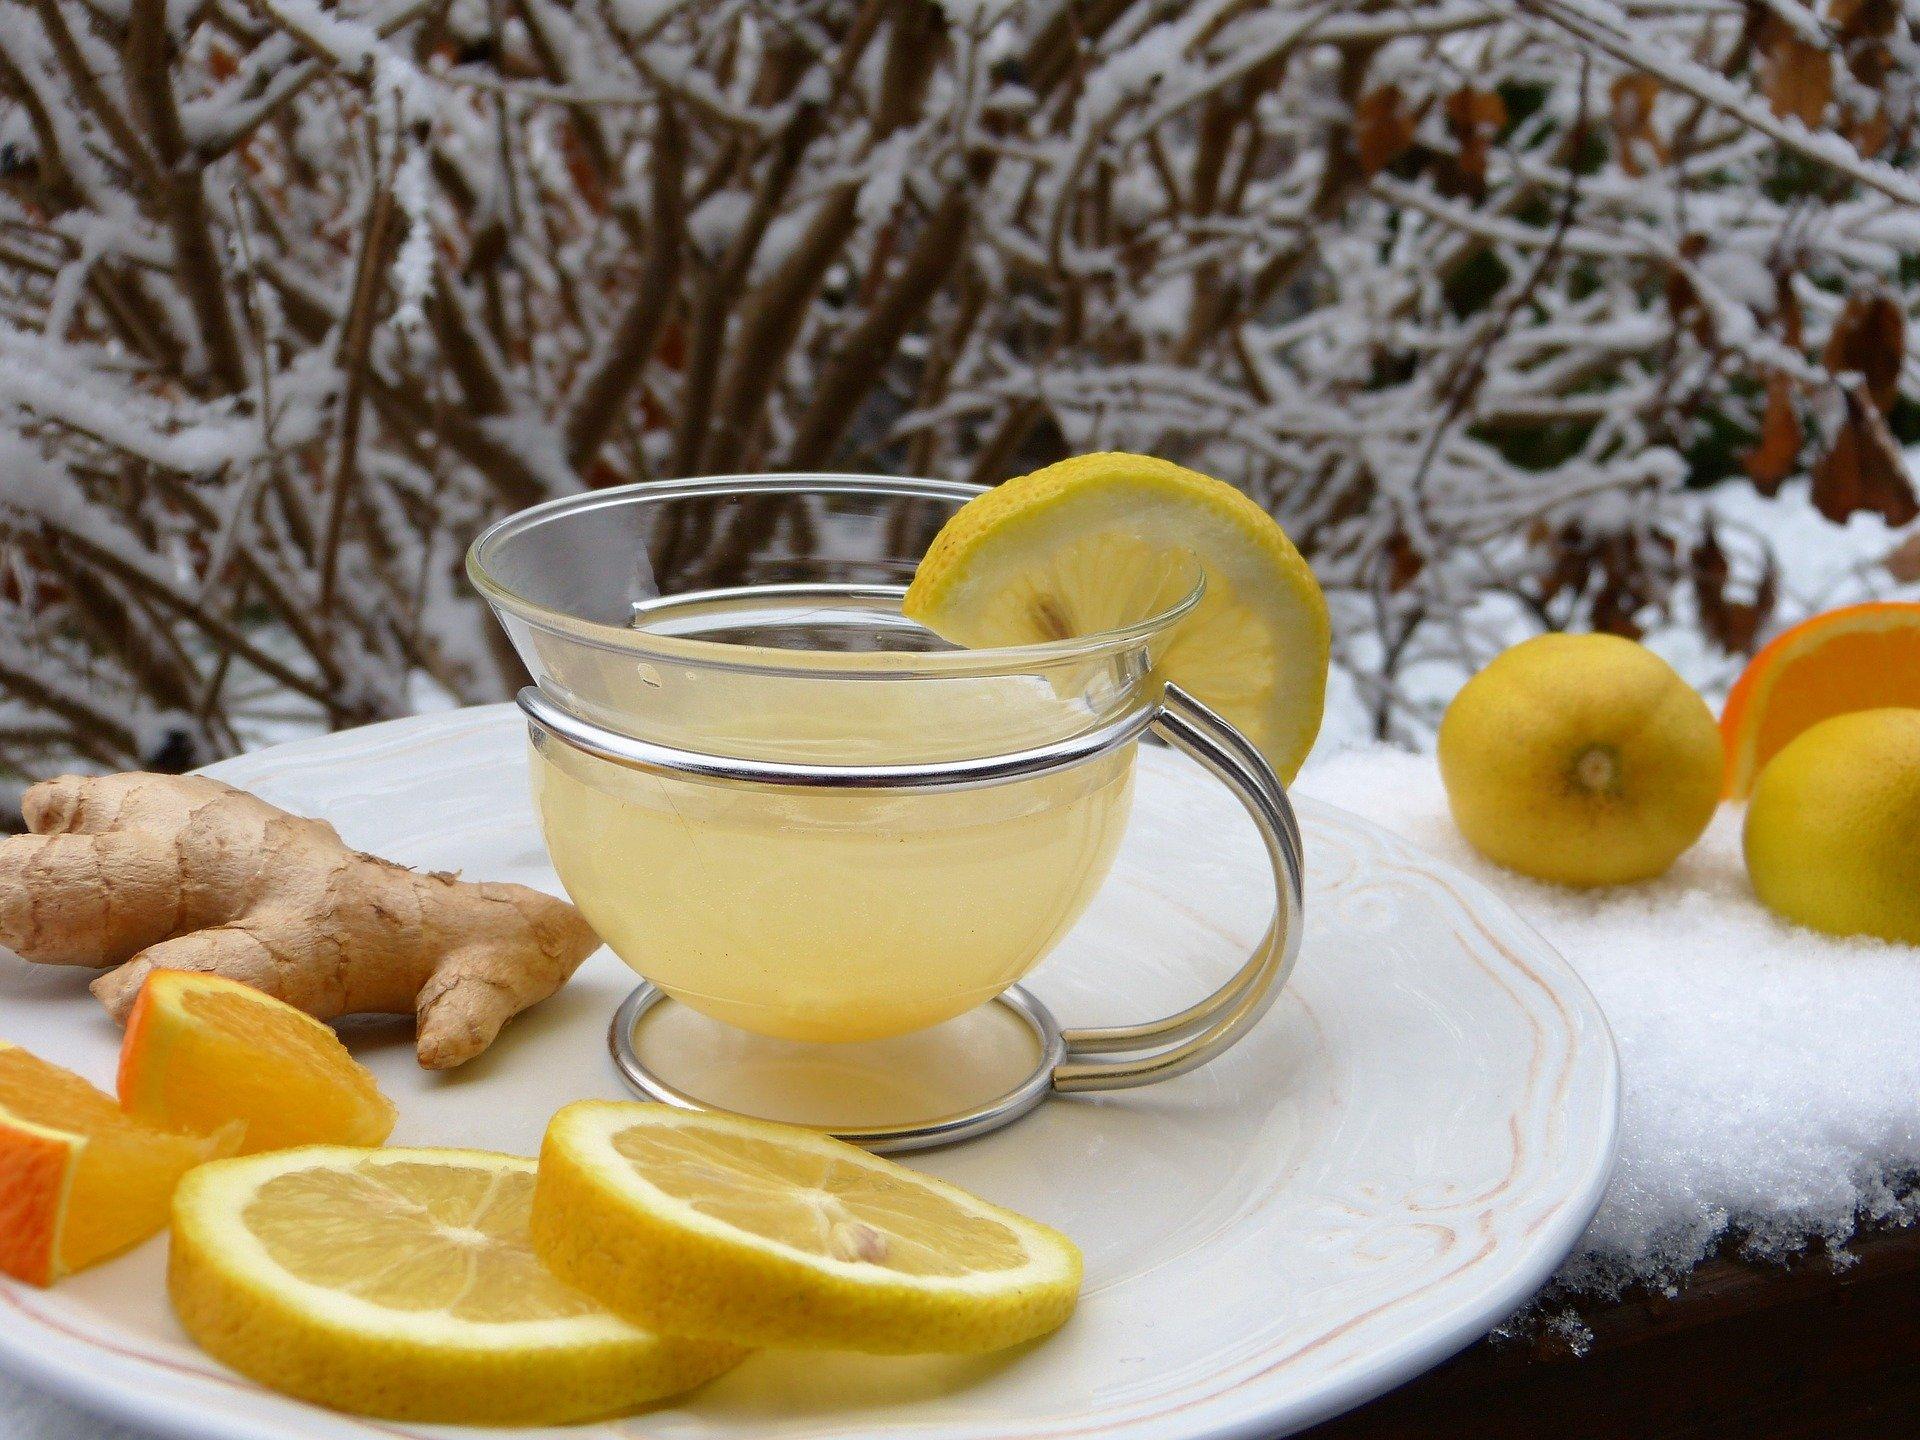 Ingwertee mit Zitrone auf einem Teller im Schnee